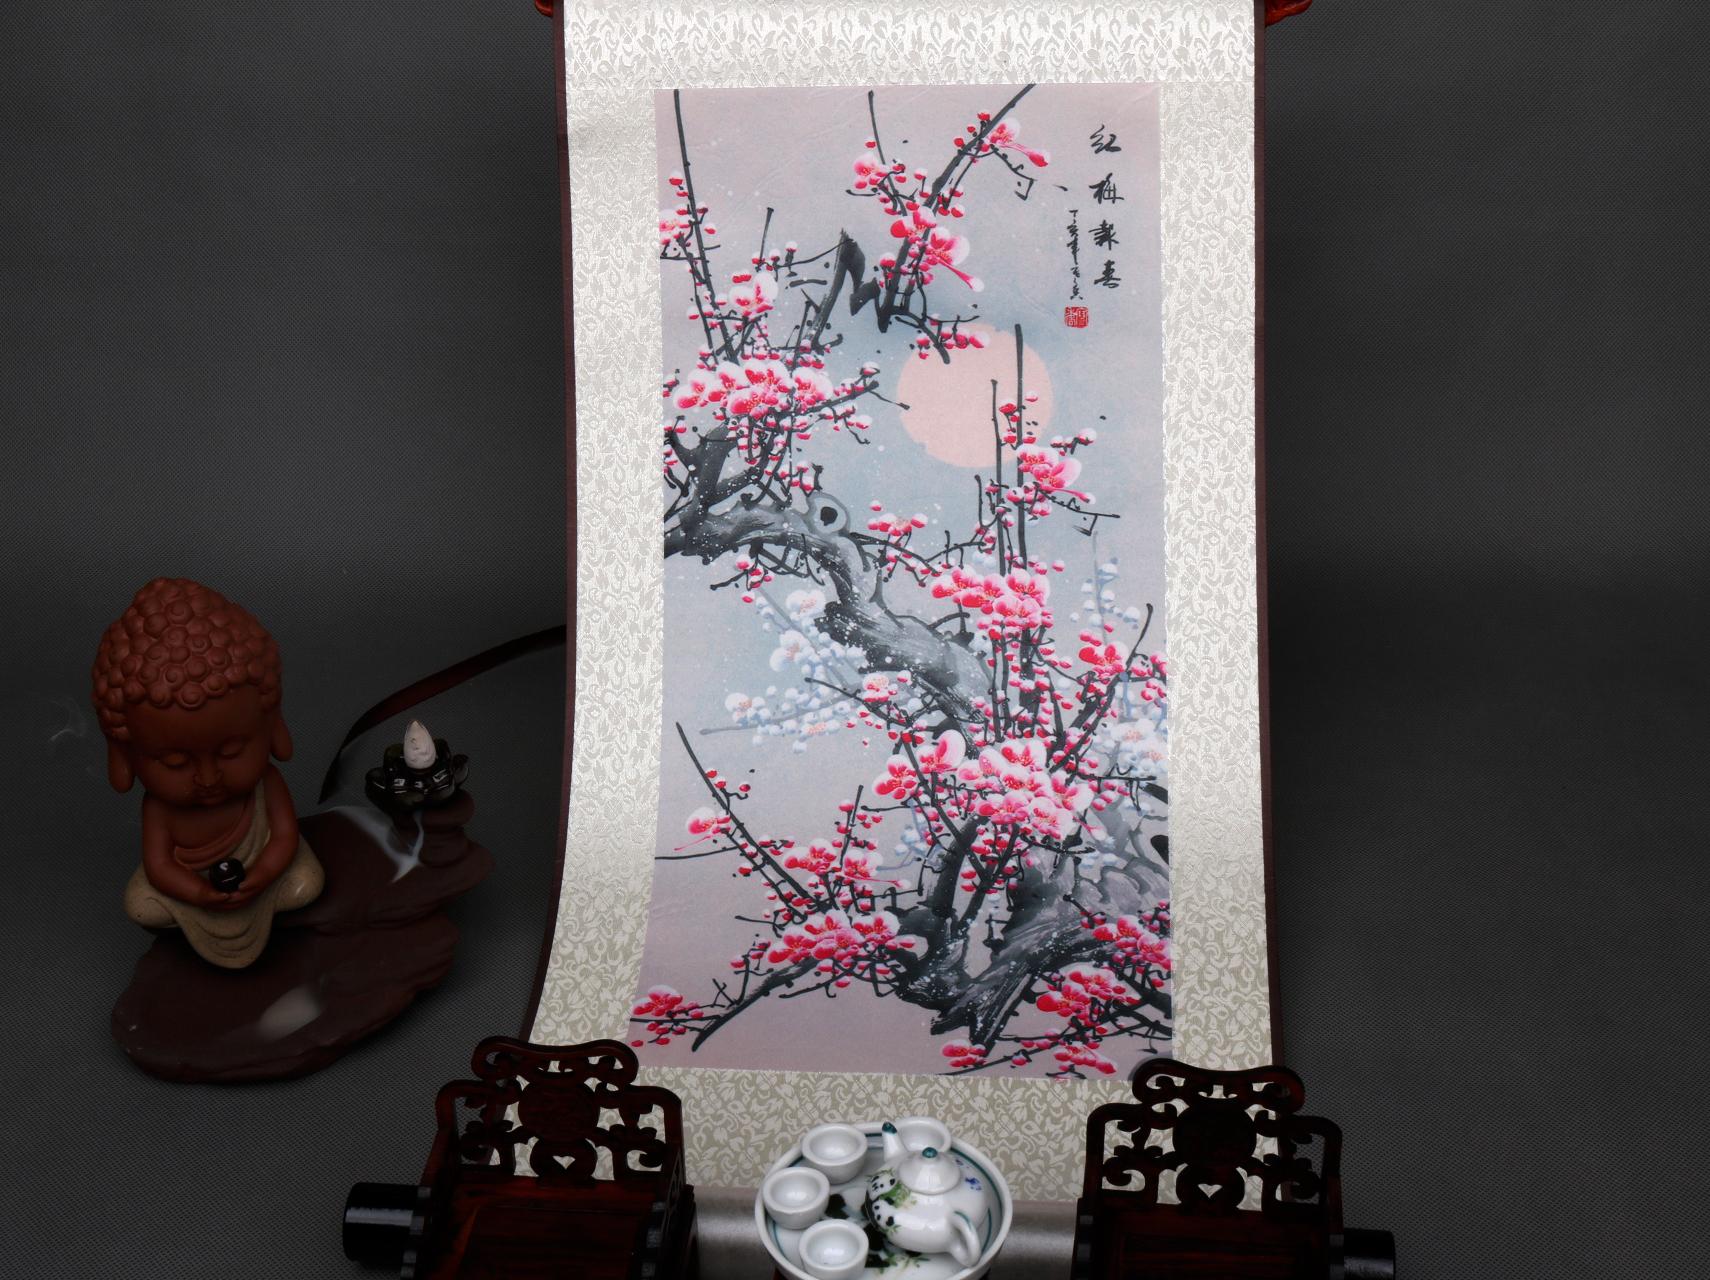 丝绸画花鸟画国画客厅装饰画礼品画卷轴画喜上眉梢紫色梅花好运画